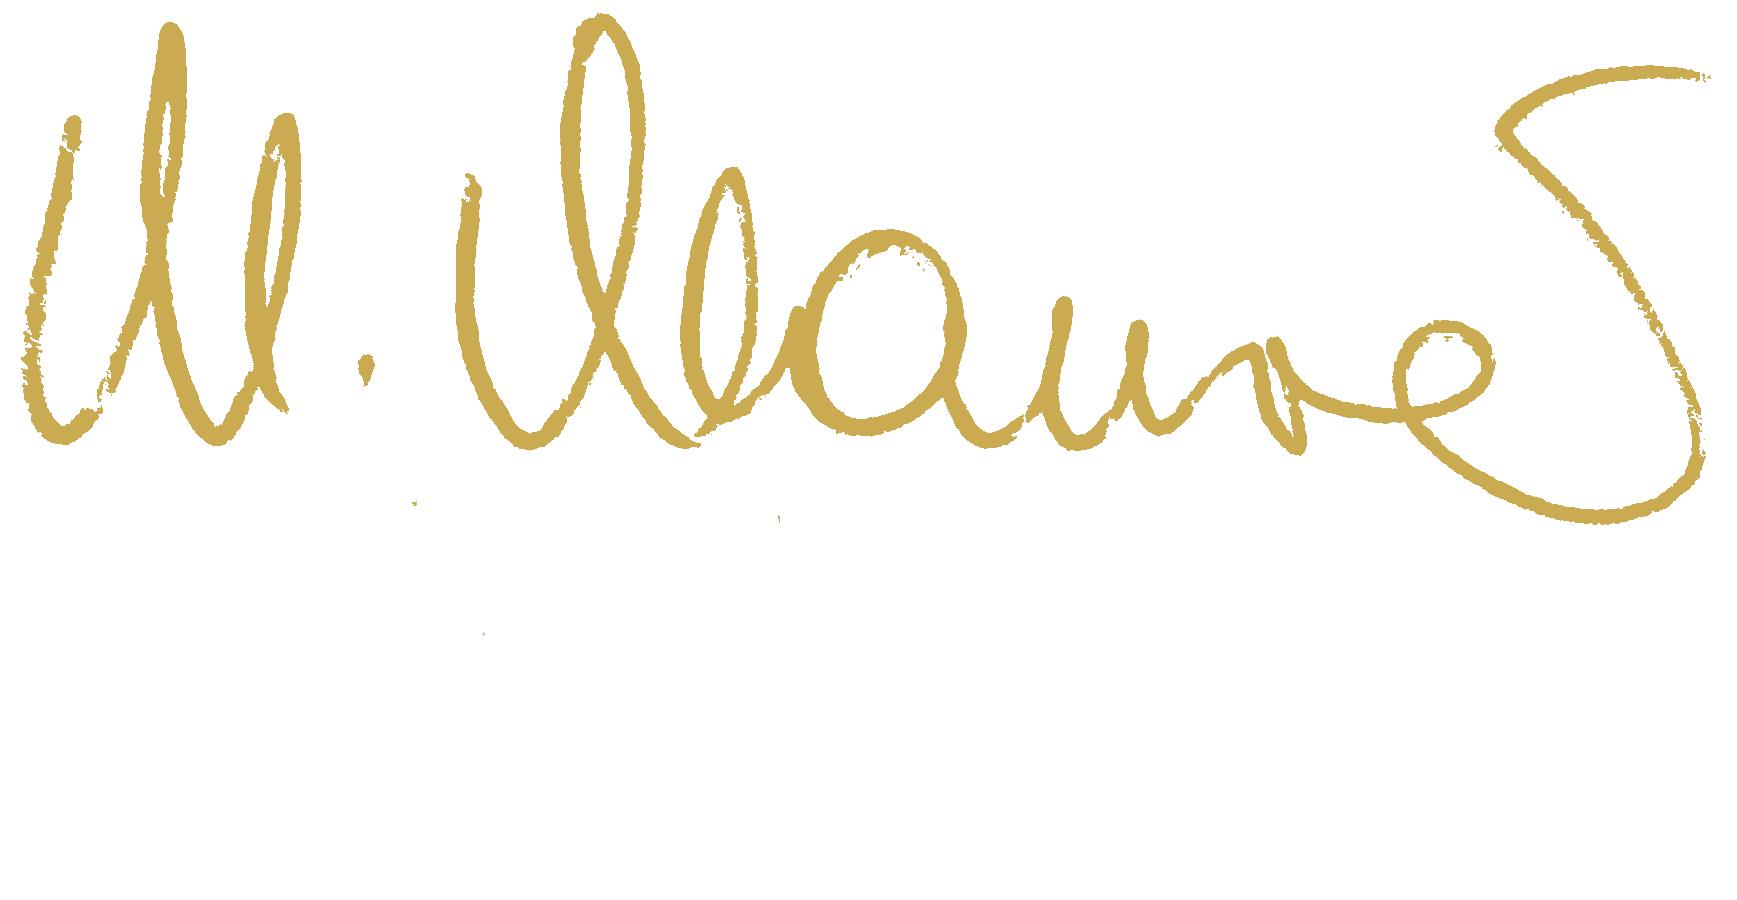 Marcella Unterschrift